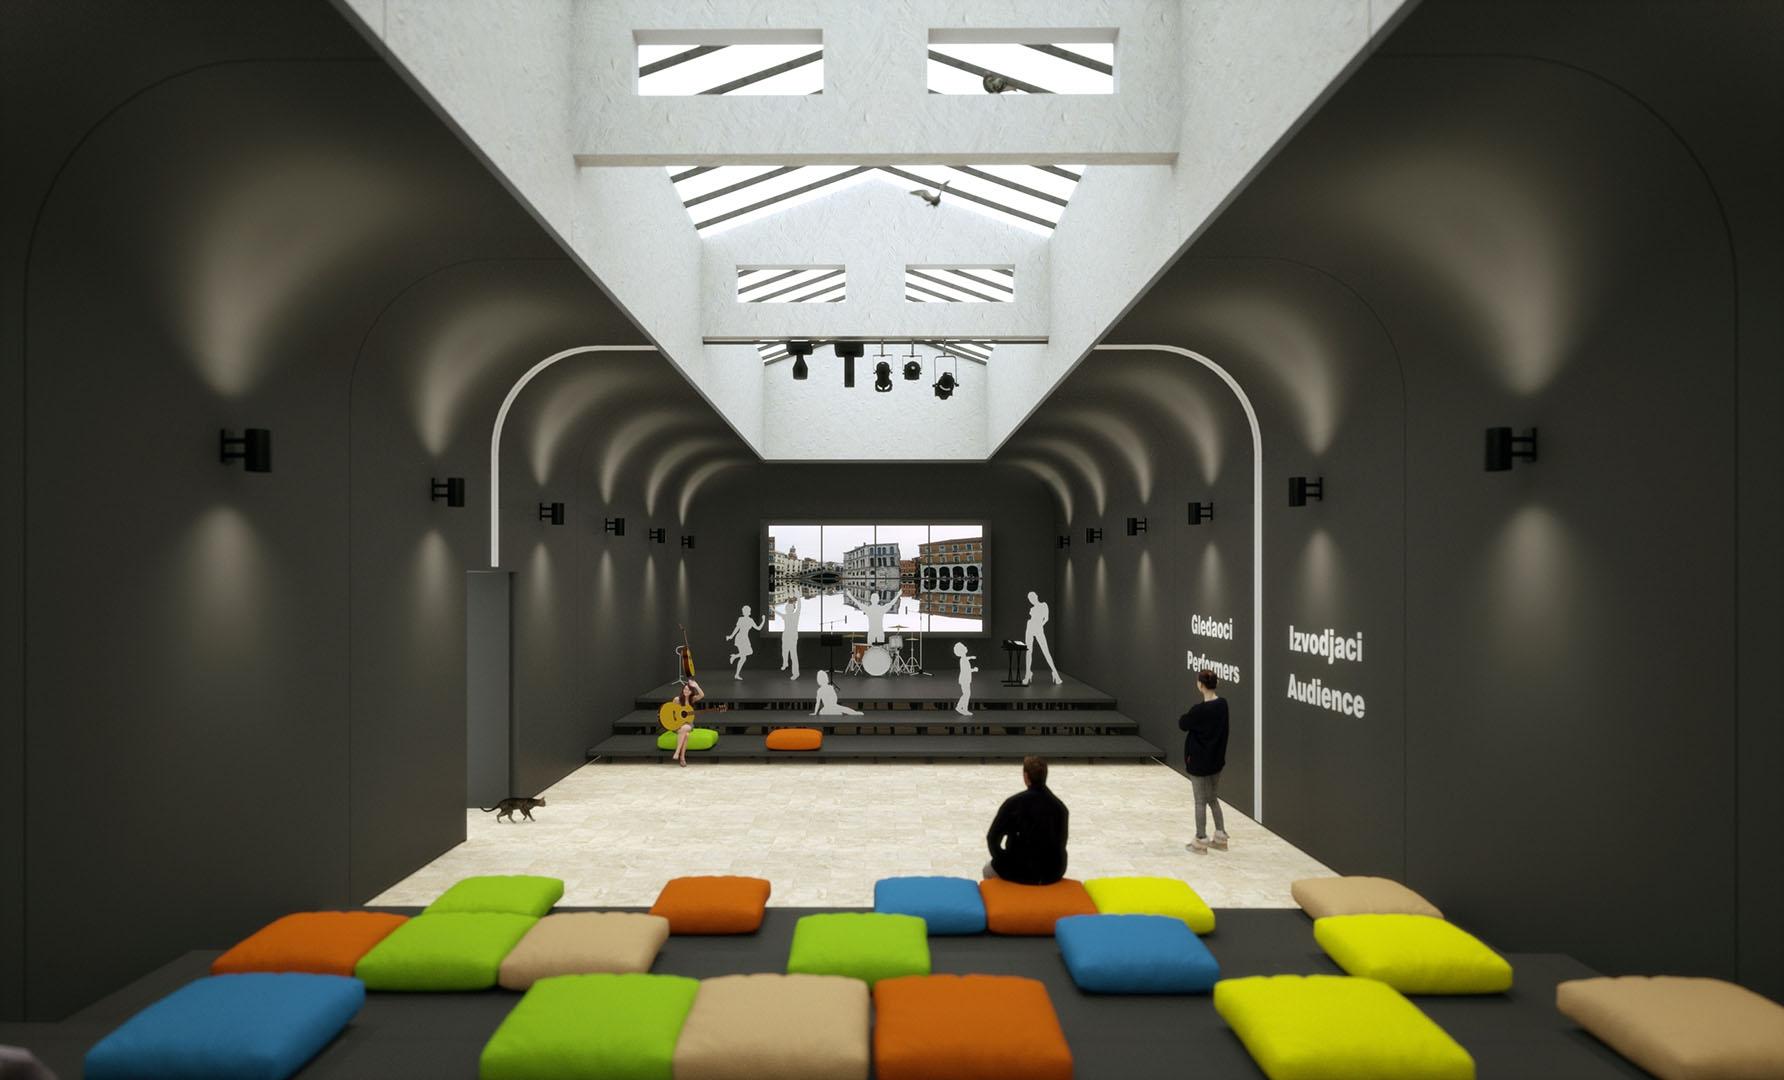 Arhitektura nagrada bijenale Venecija